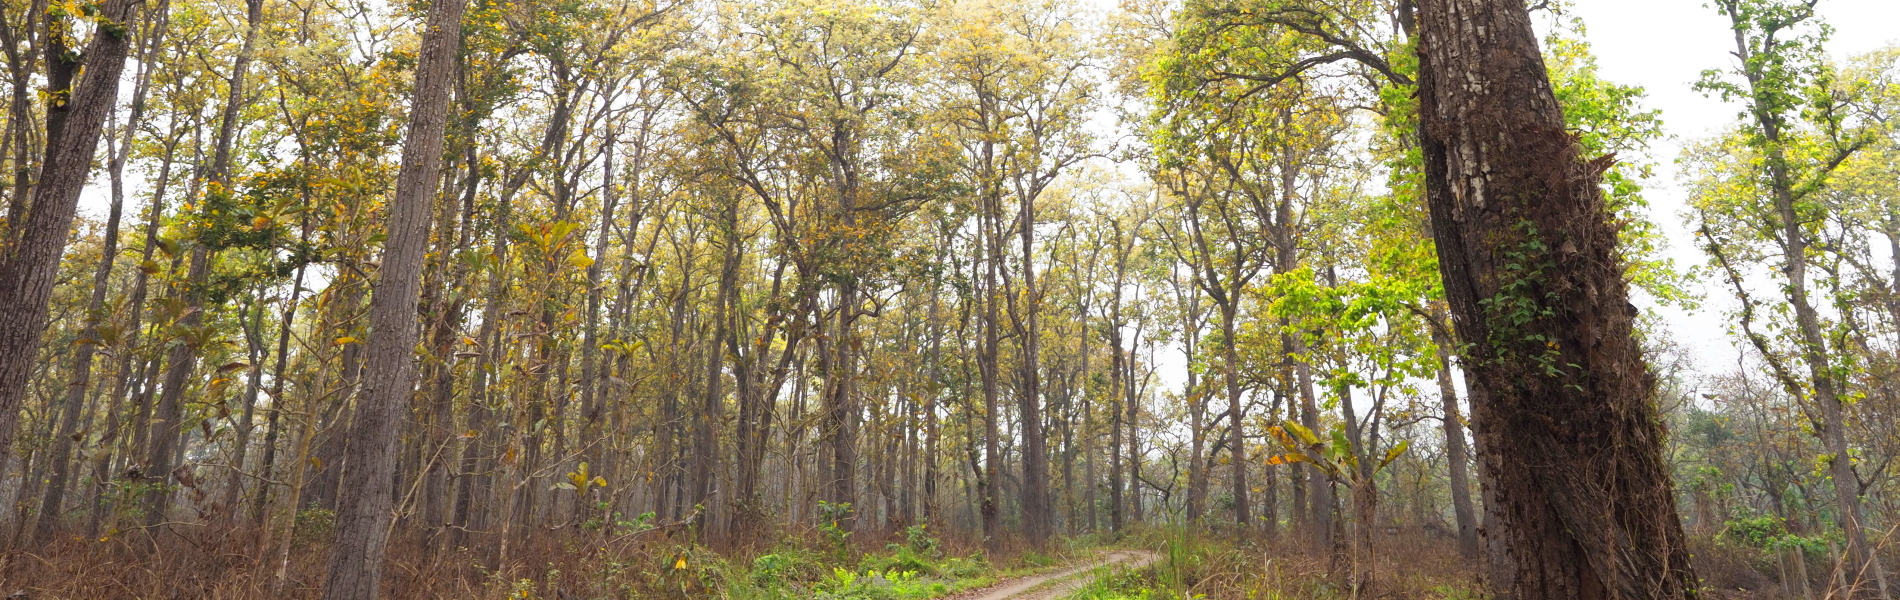 サラノキの森